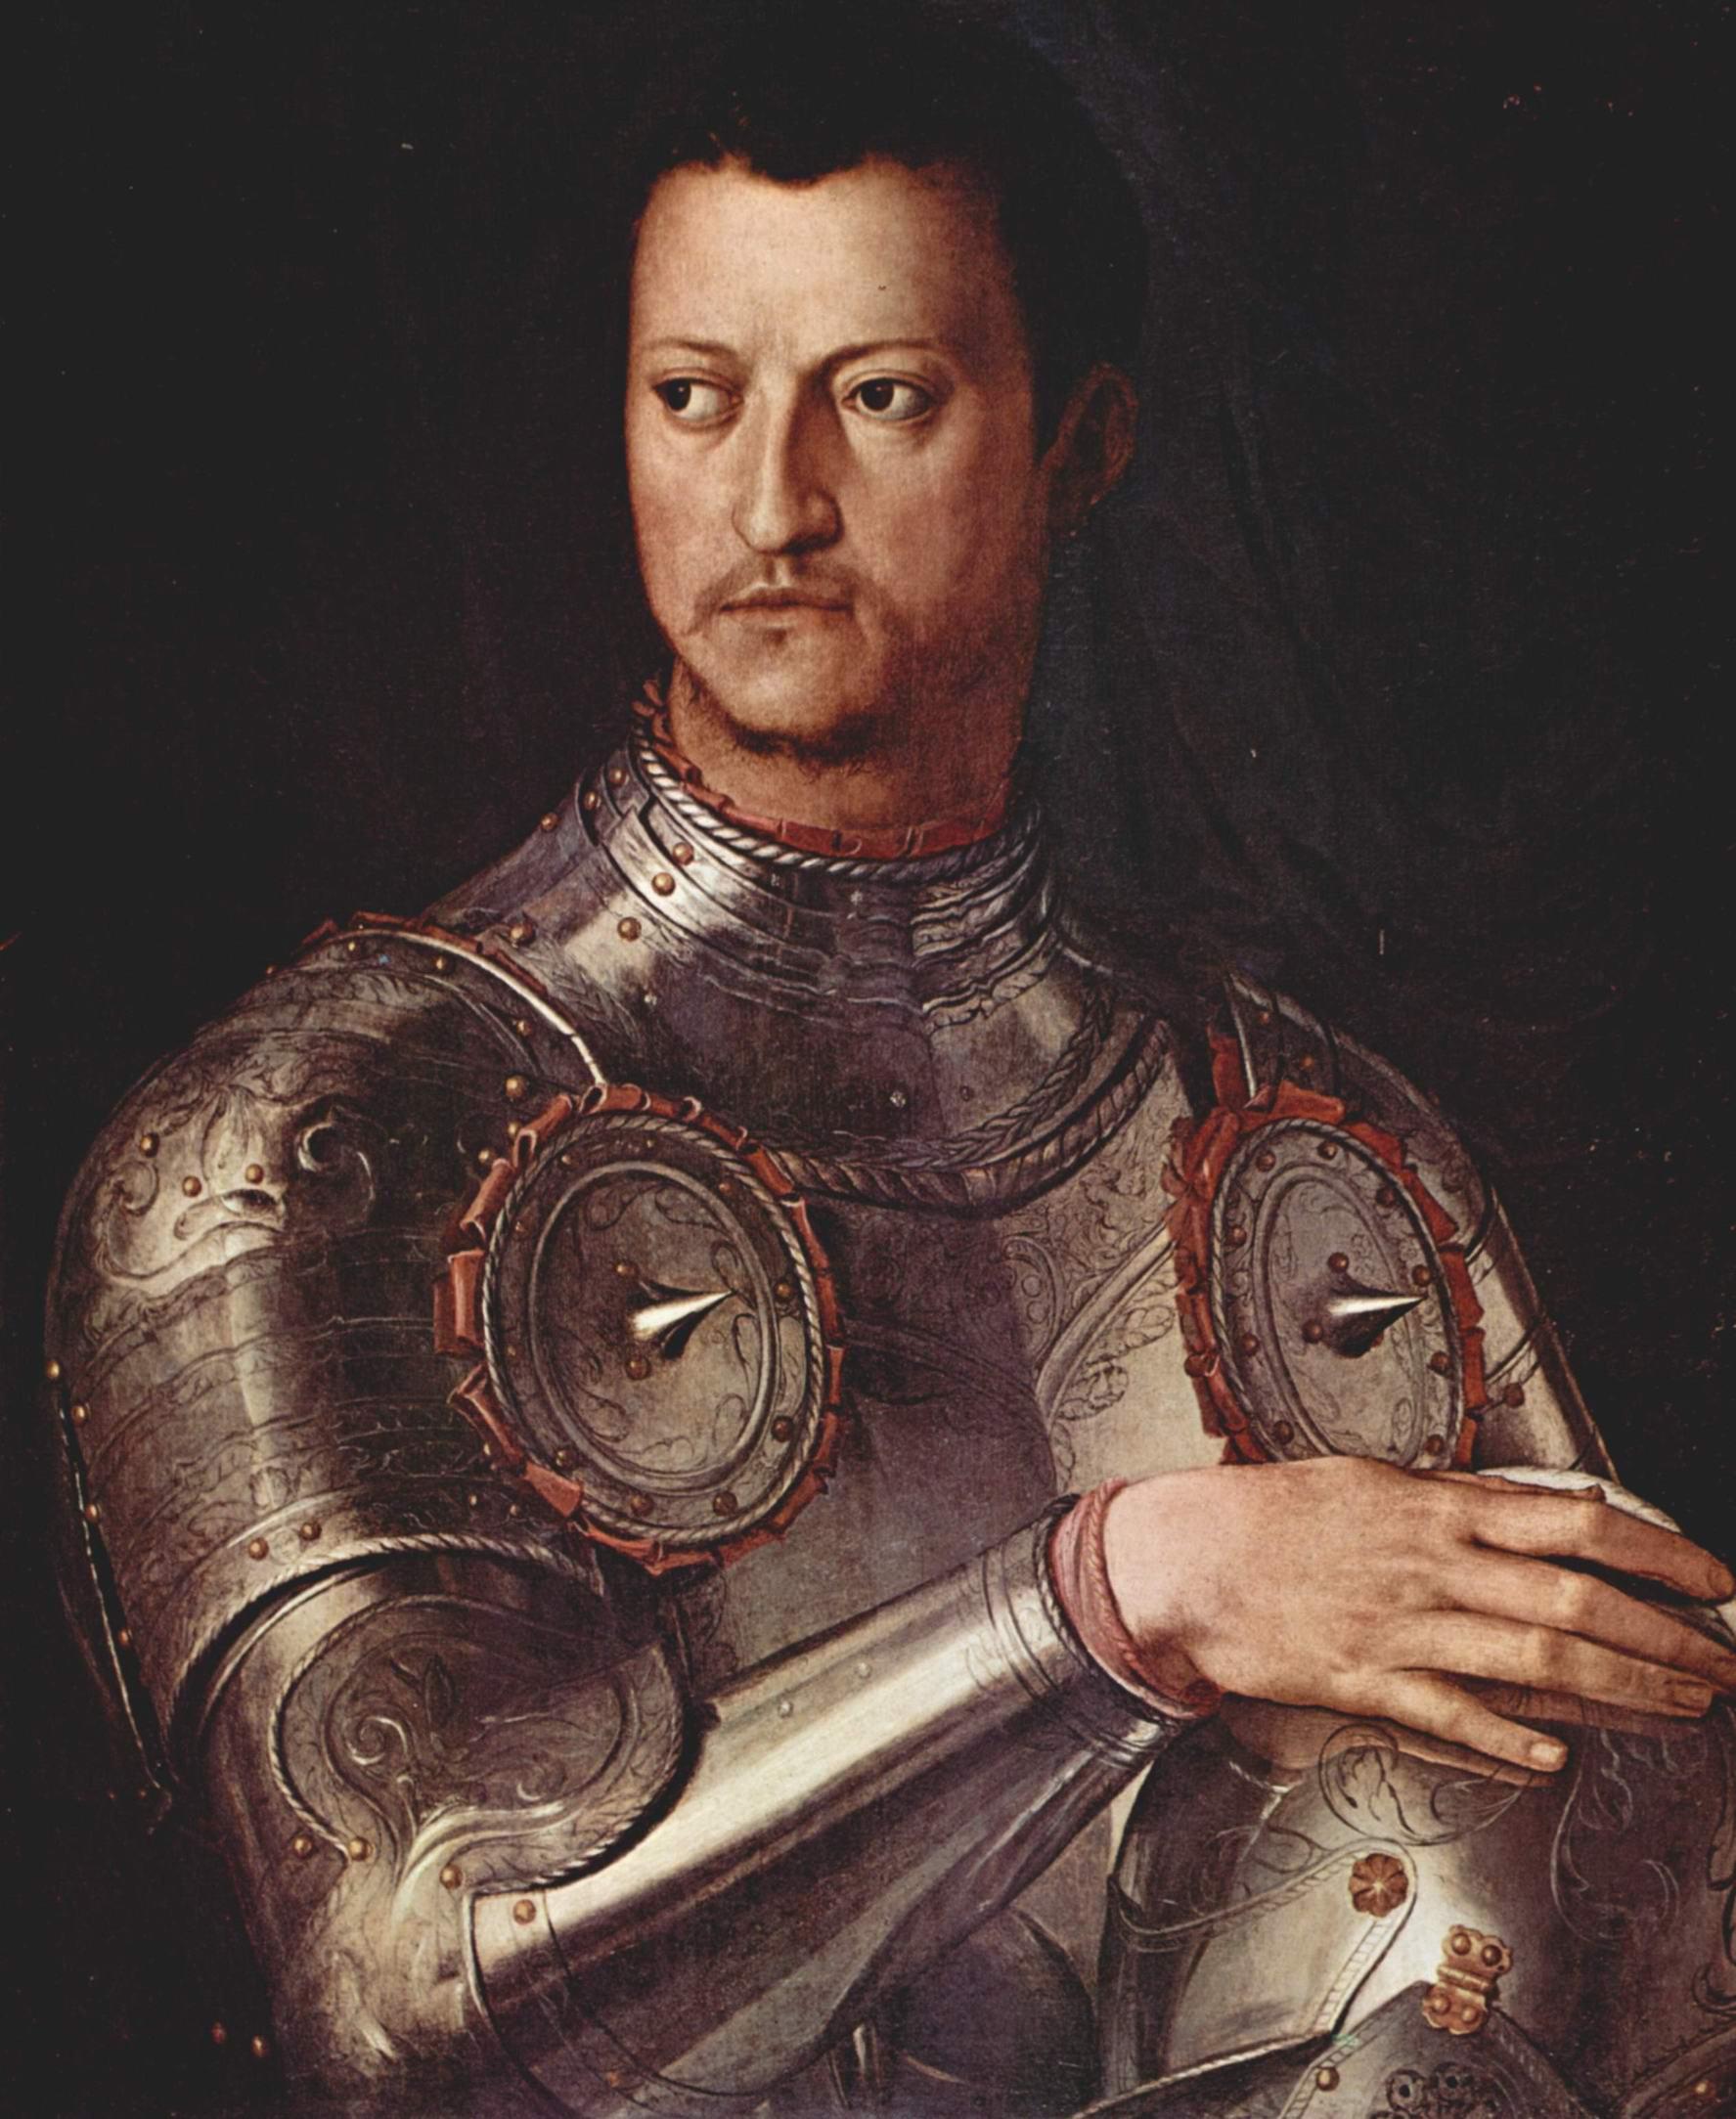 Портрет Козимо Первого Медичи в латах, Бронзино Аньоло